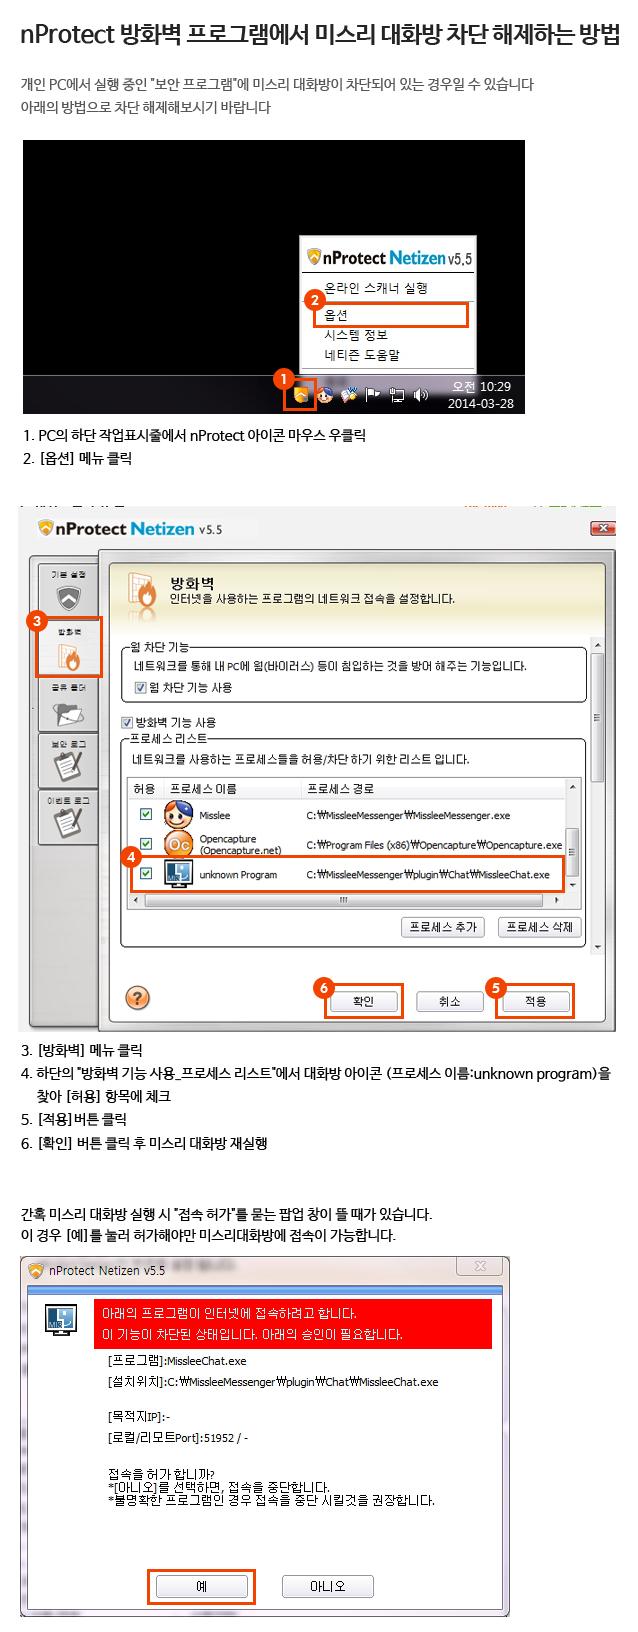 20140403_방화벽프로그램대화방차단해제.jpg